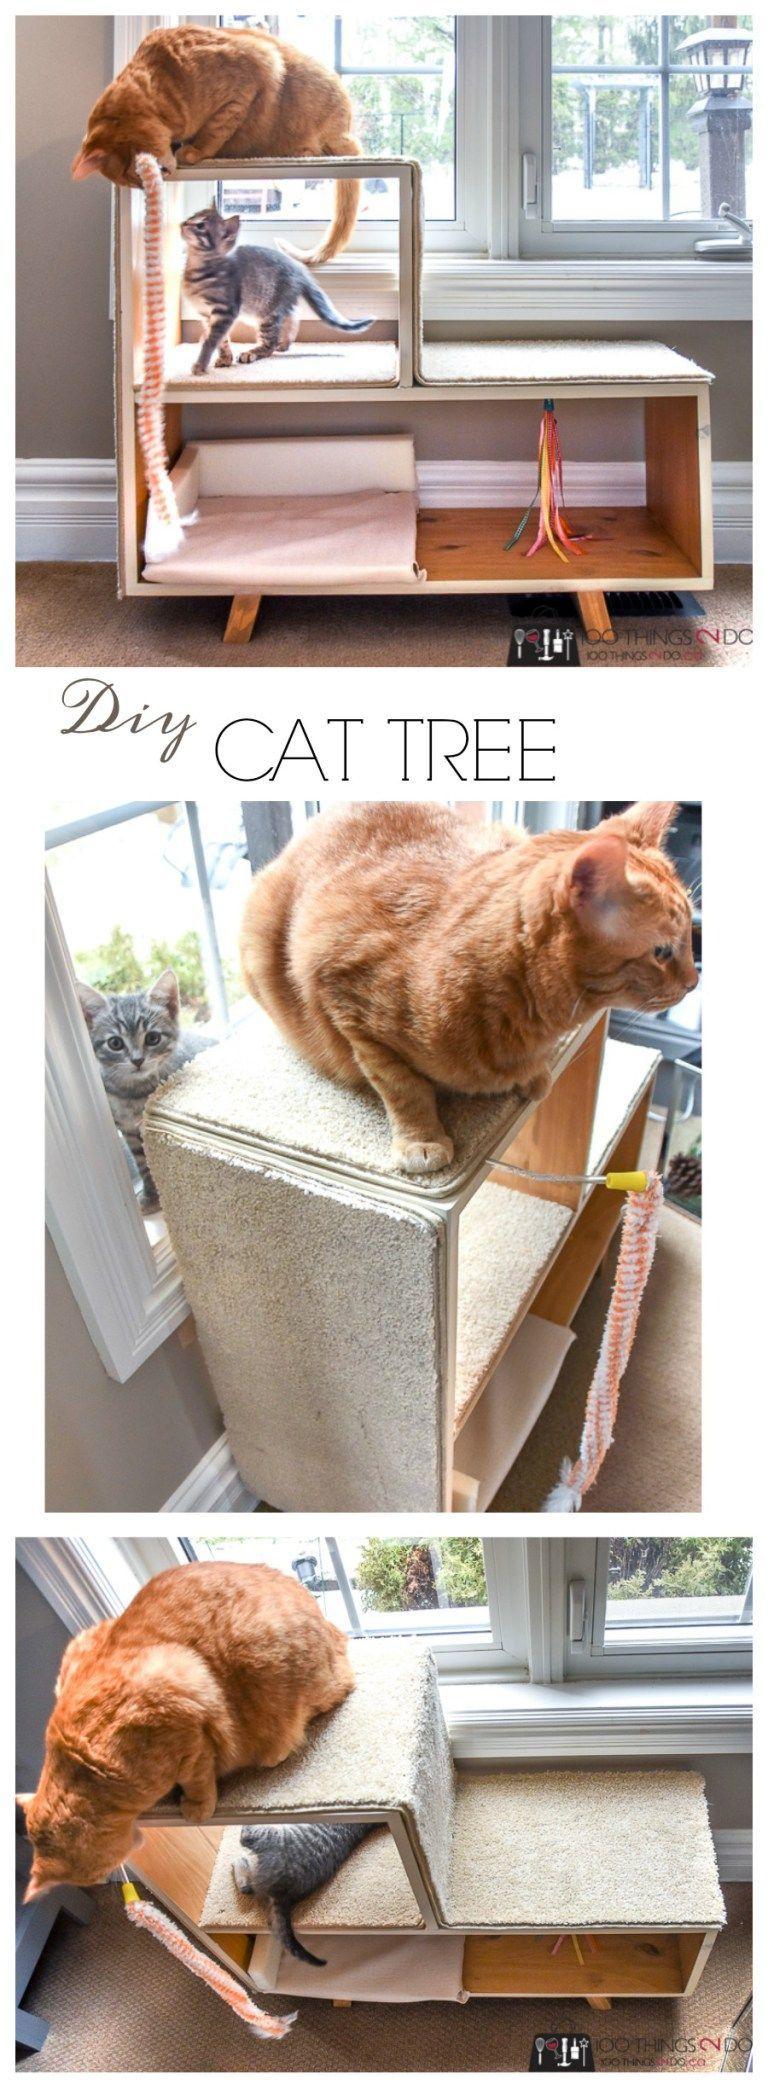 Diy Cat Tree Diy Cat Playground Diy Cat Scratching Post Kitten Playground Kitten Tree Catsdiyplayground Diy Cat Tree Cat Diy Diy Cat Scratching Post